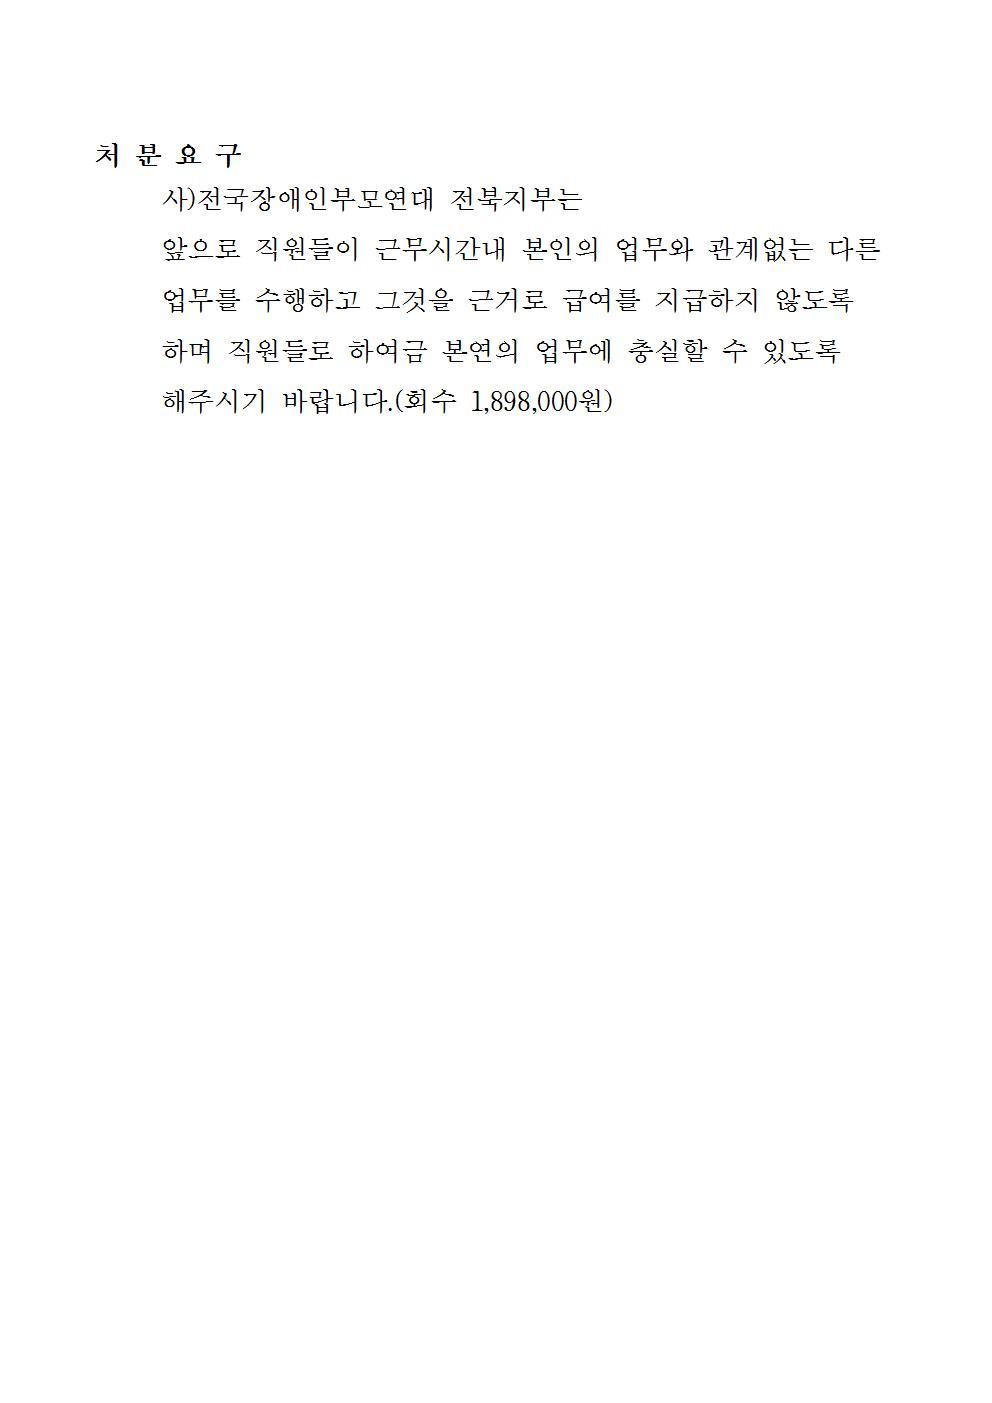 붙임) 처분요구서_전주시 생활복지과-37898(2017.9.1)호(공개용)018.jpg